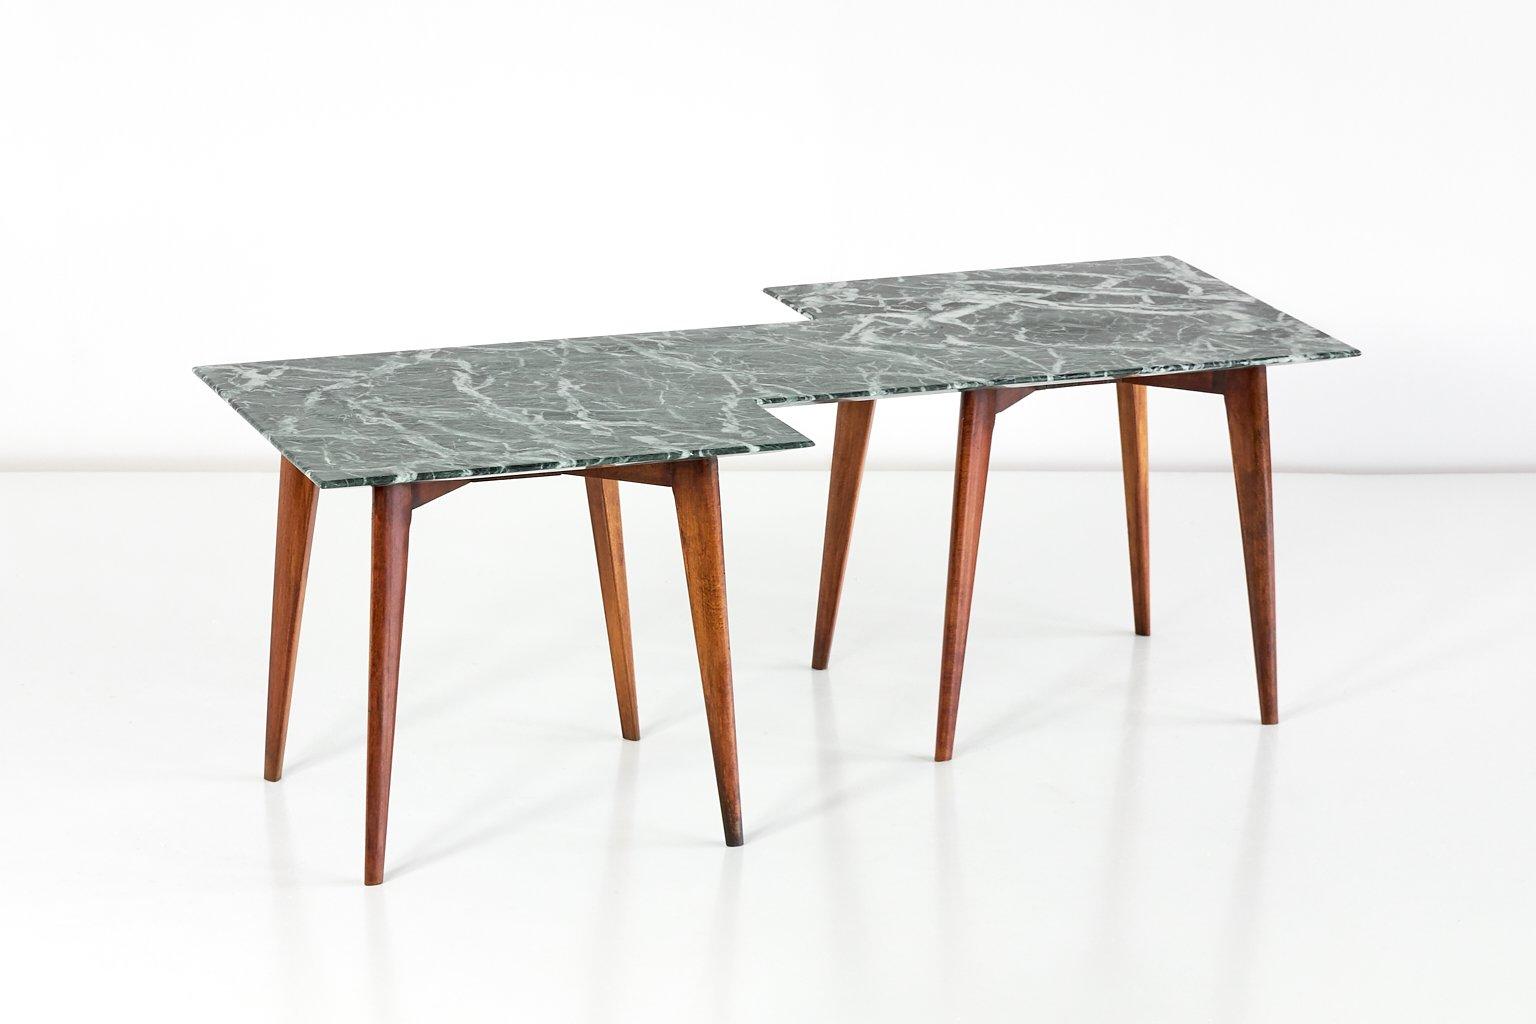 Table basse g om trique avec plateau en marbre vert italie en vente sur pamono - Table basse plateau marbre ...